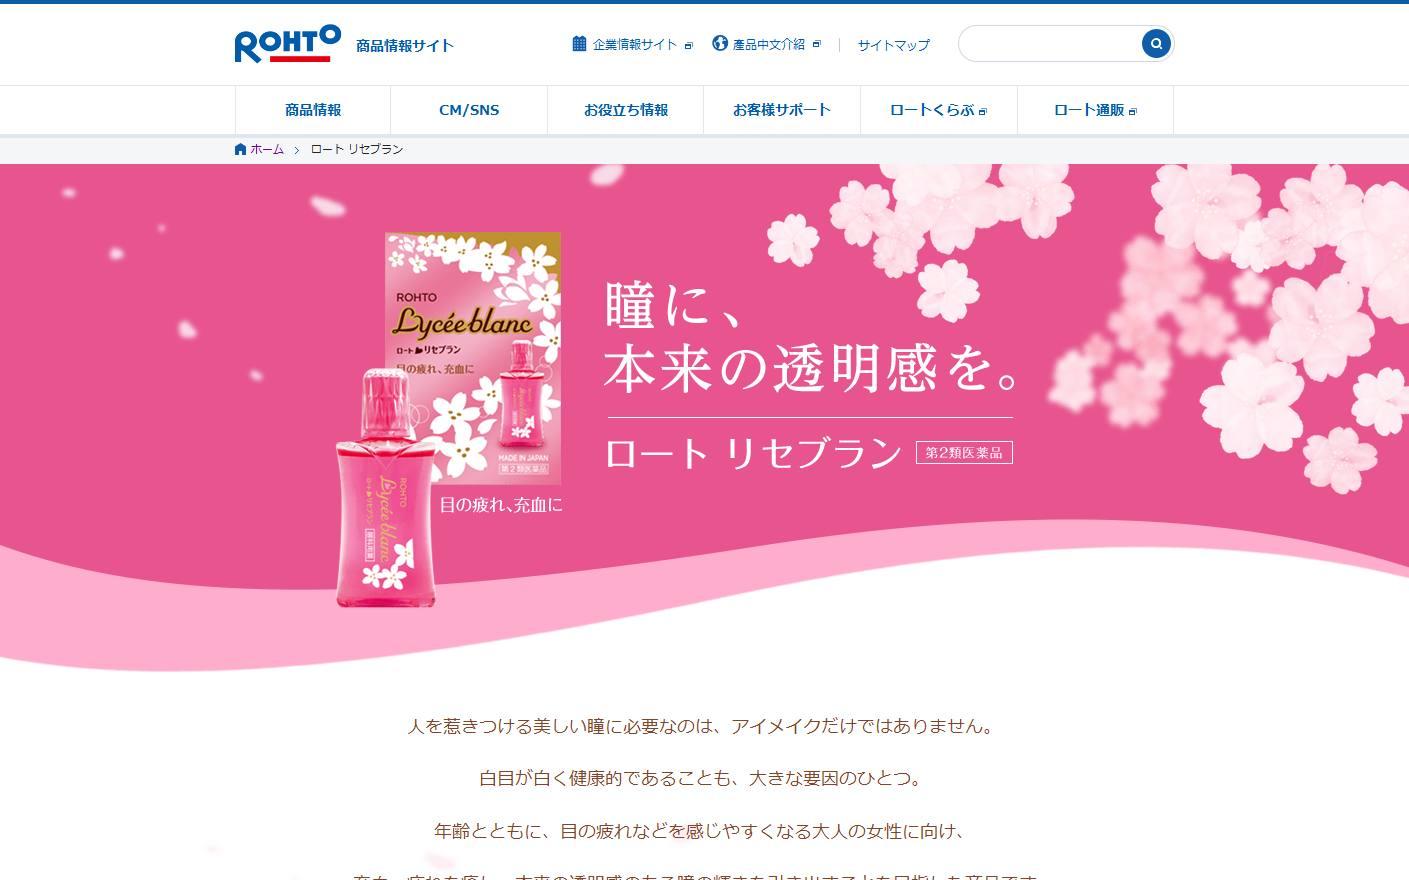 ロート リセブラン  ロート製薬- 商品情報サイト